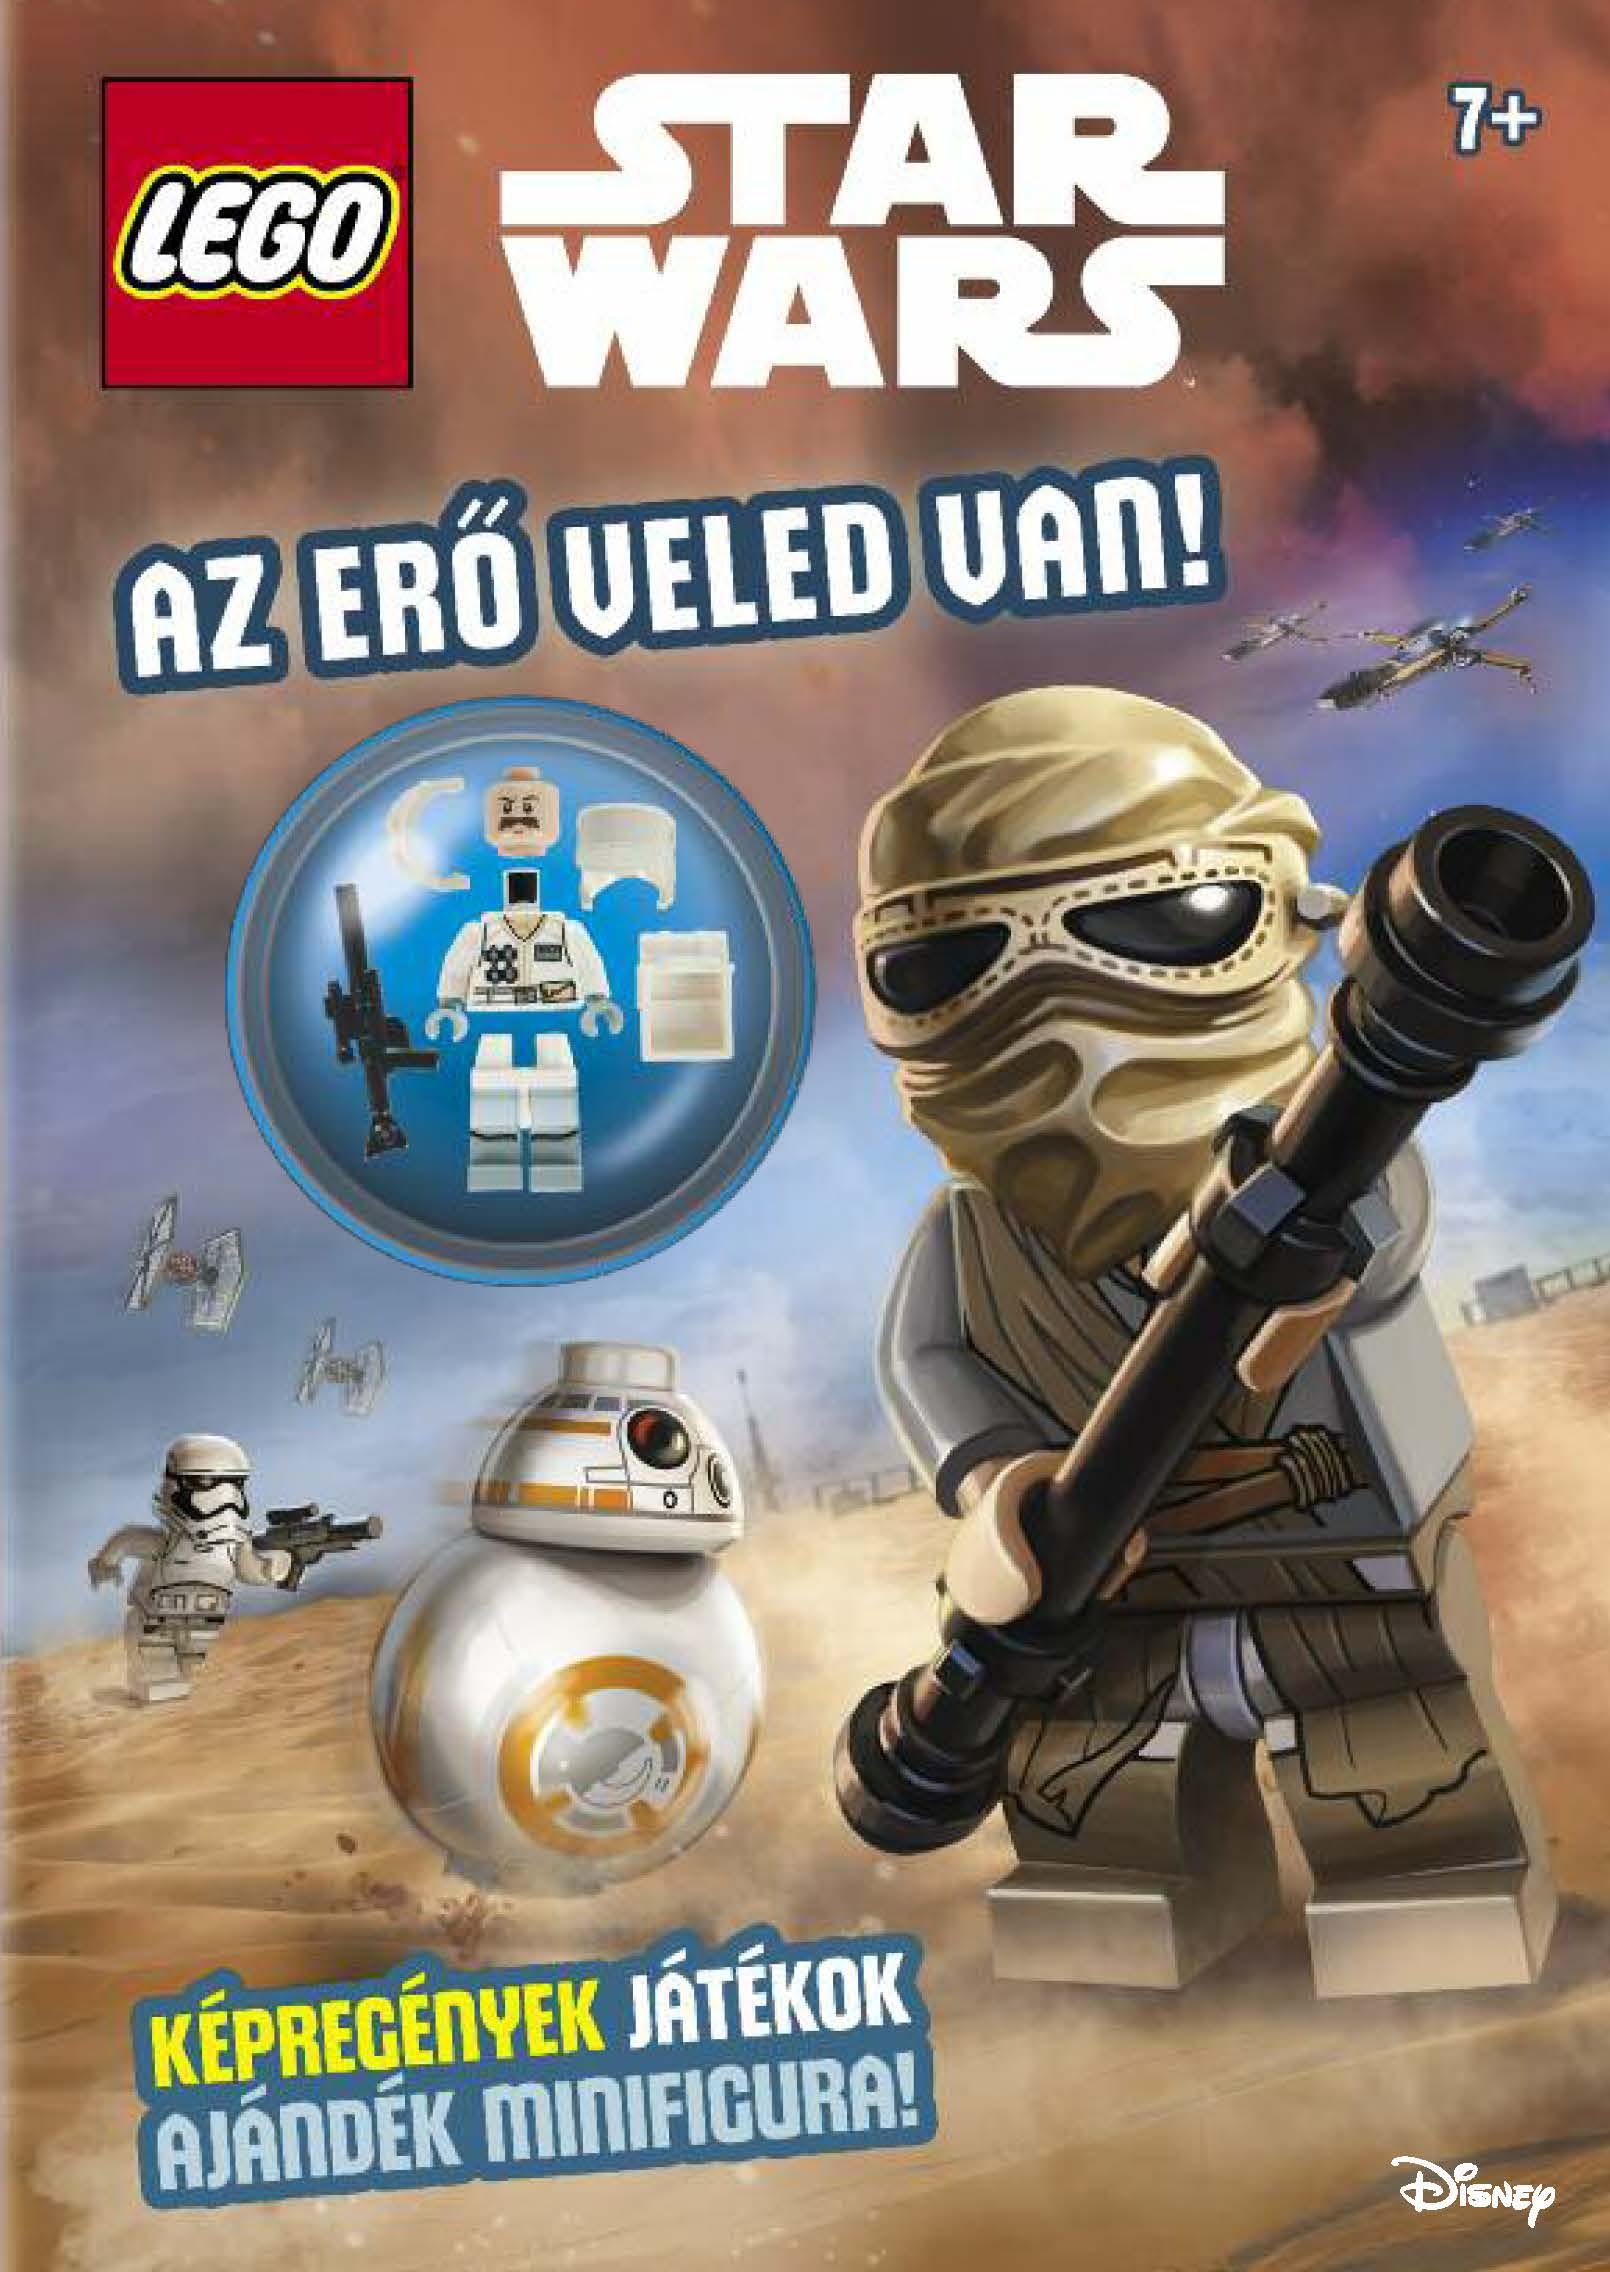 LEGO Star Wars - Az Erő veled van!